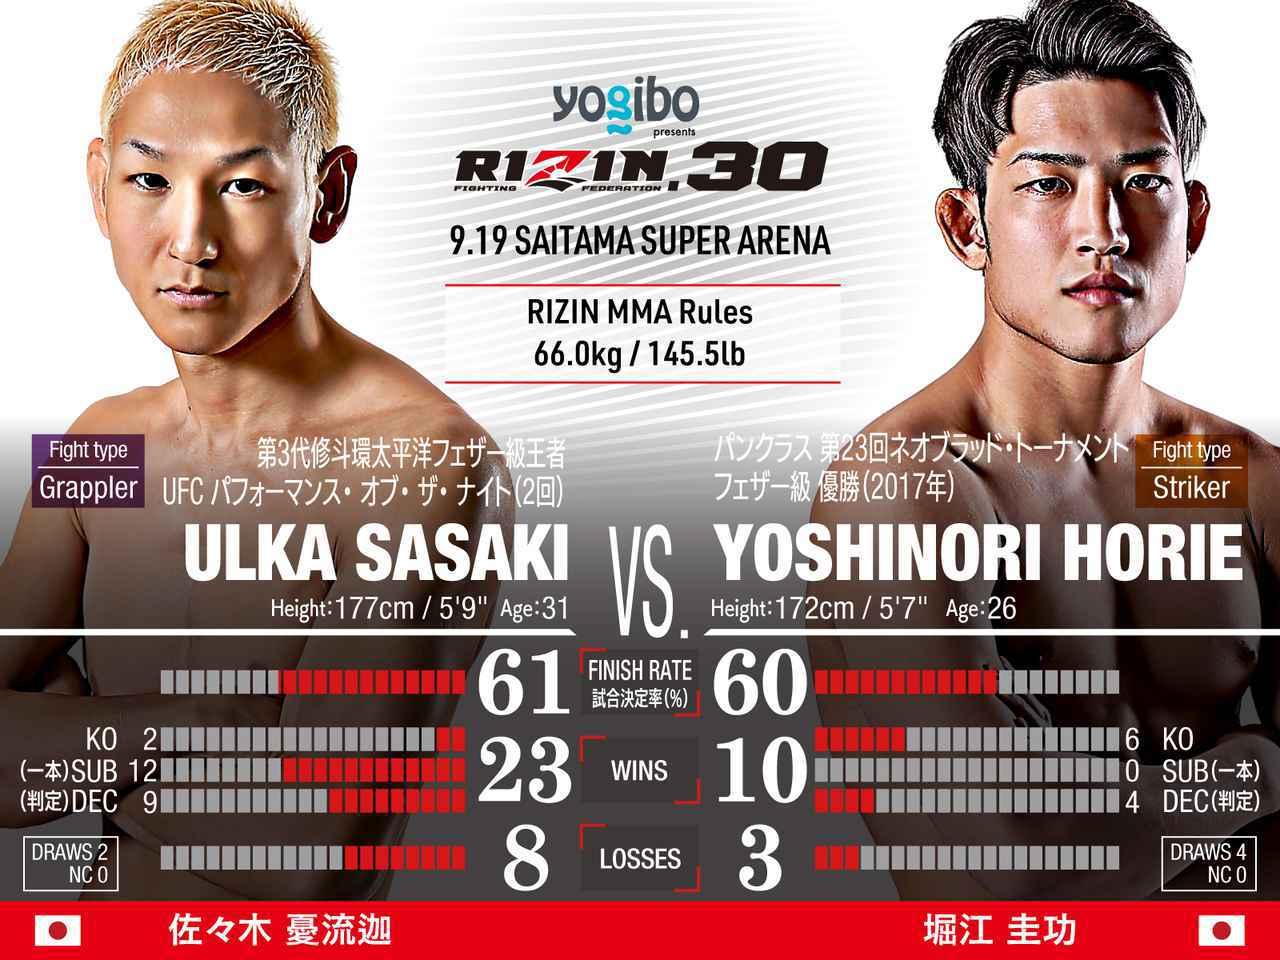 画像: Ulka Sasaki vs Yoshinori Horie